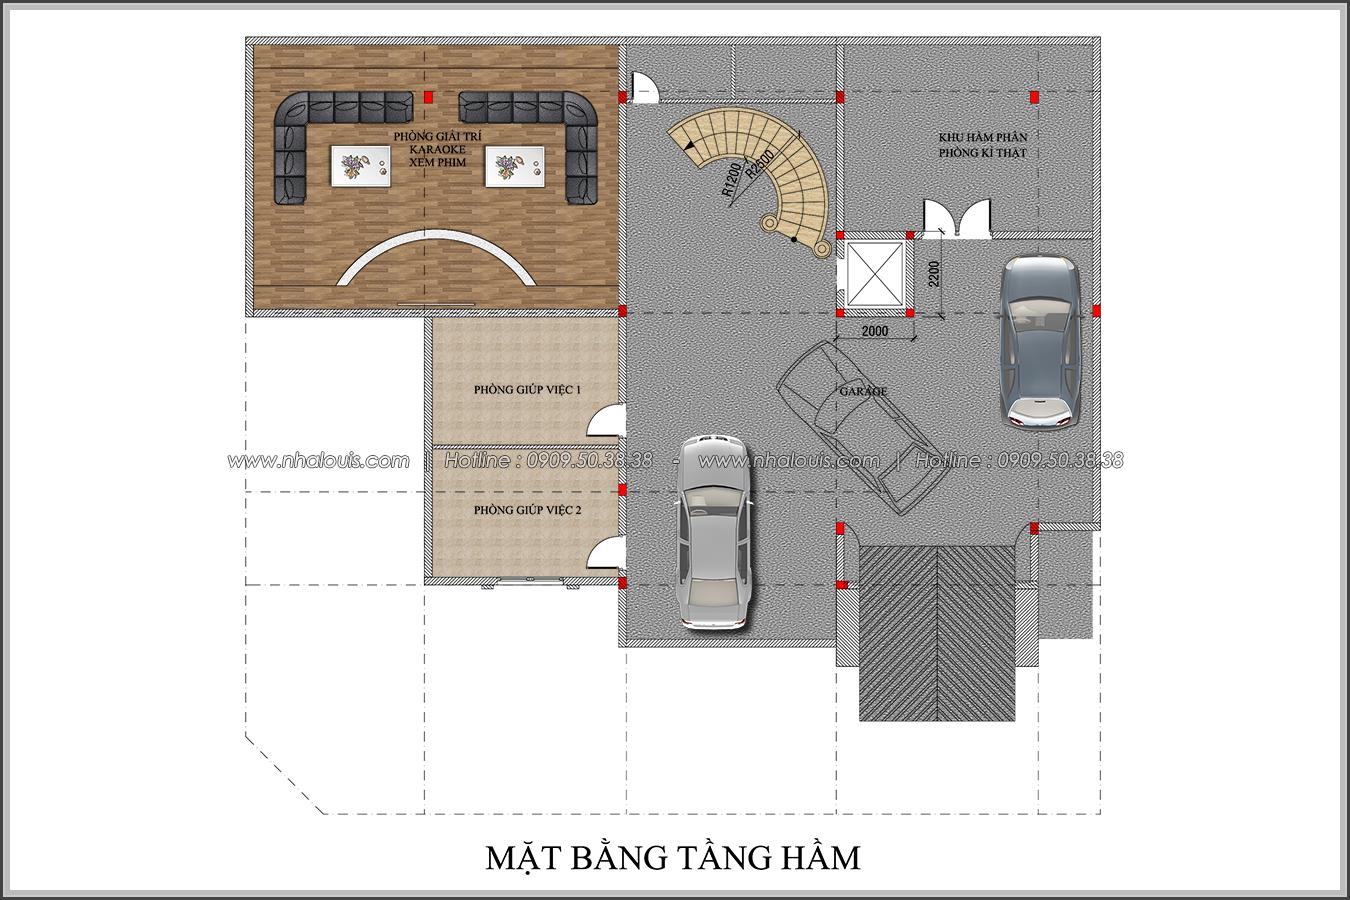 Đẳng cấp đích thực trong thiết kế biệt thự cổ điển 3 tầng tại Bình Tân - 4